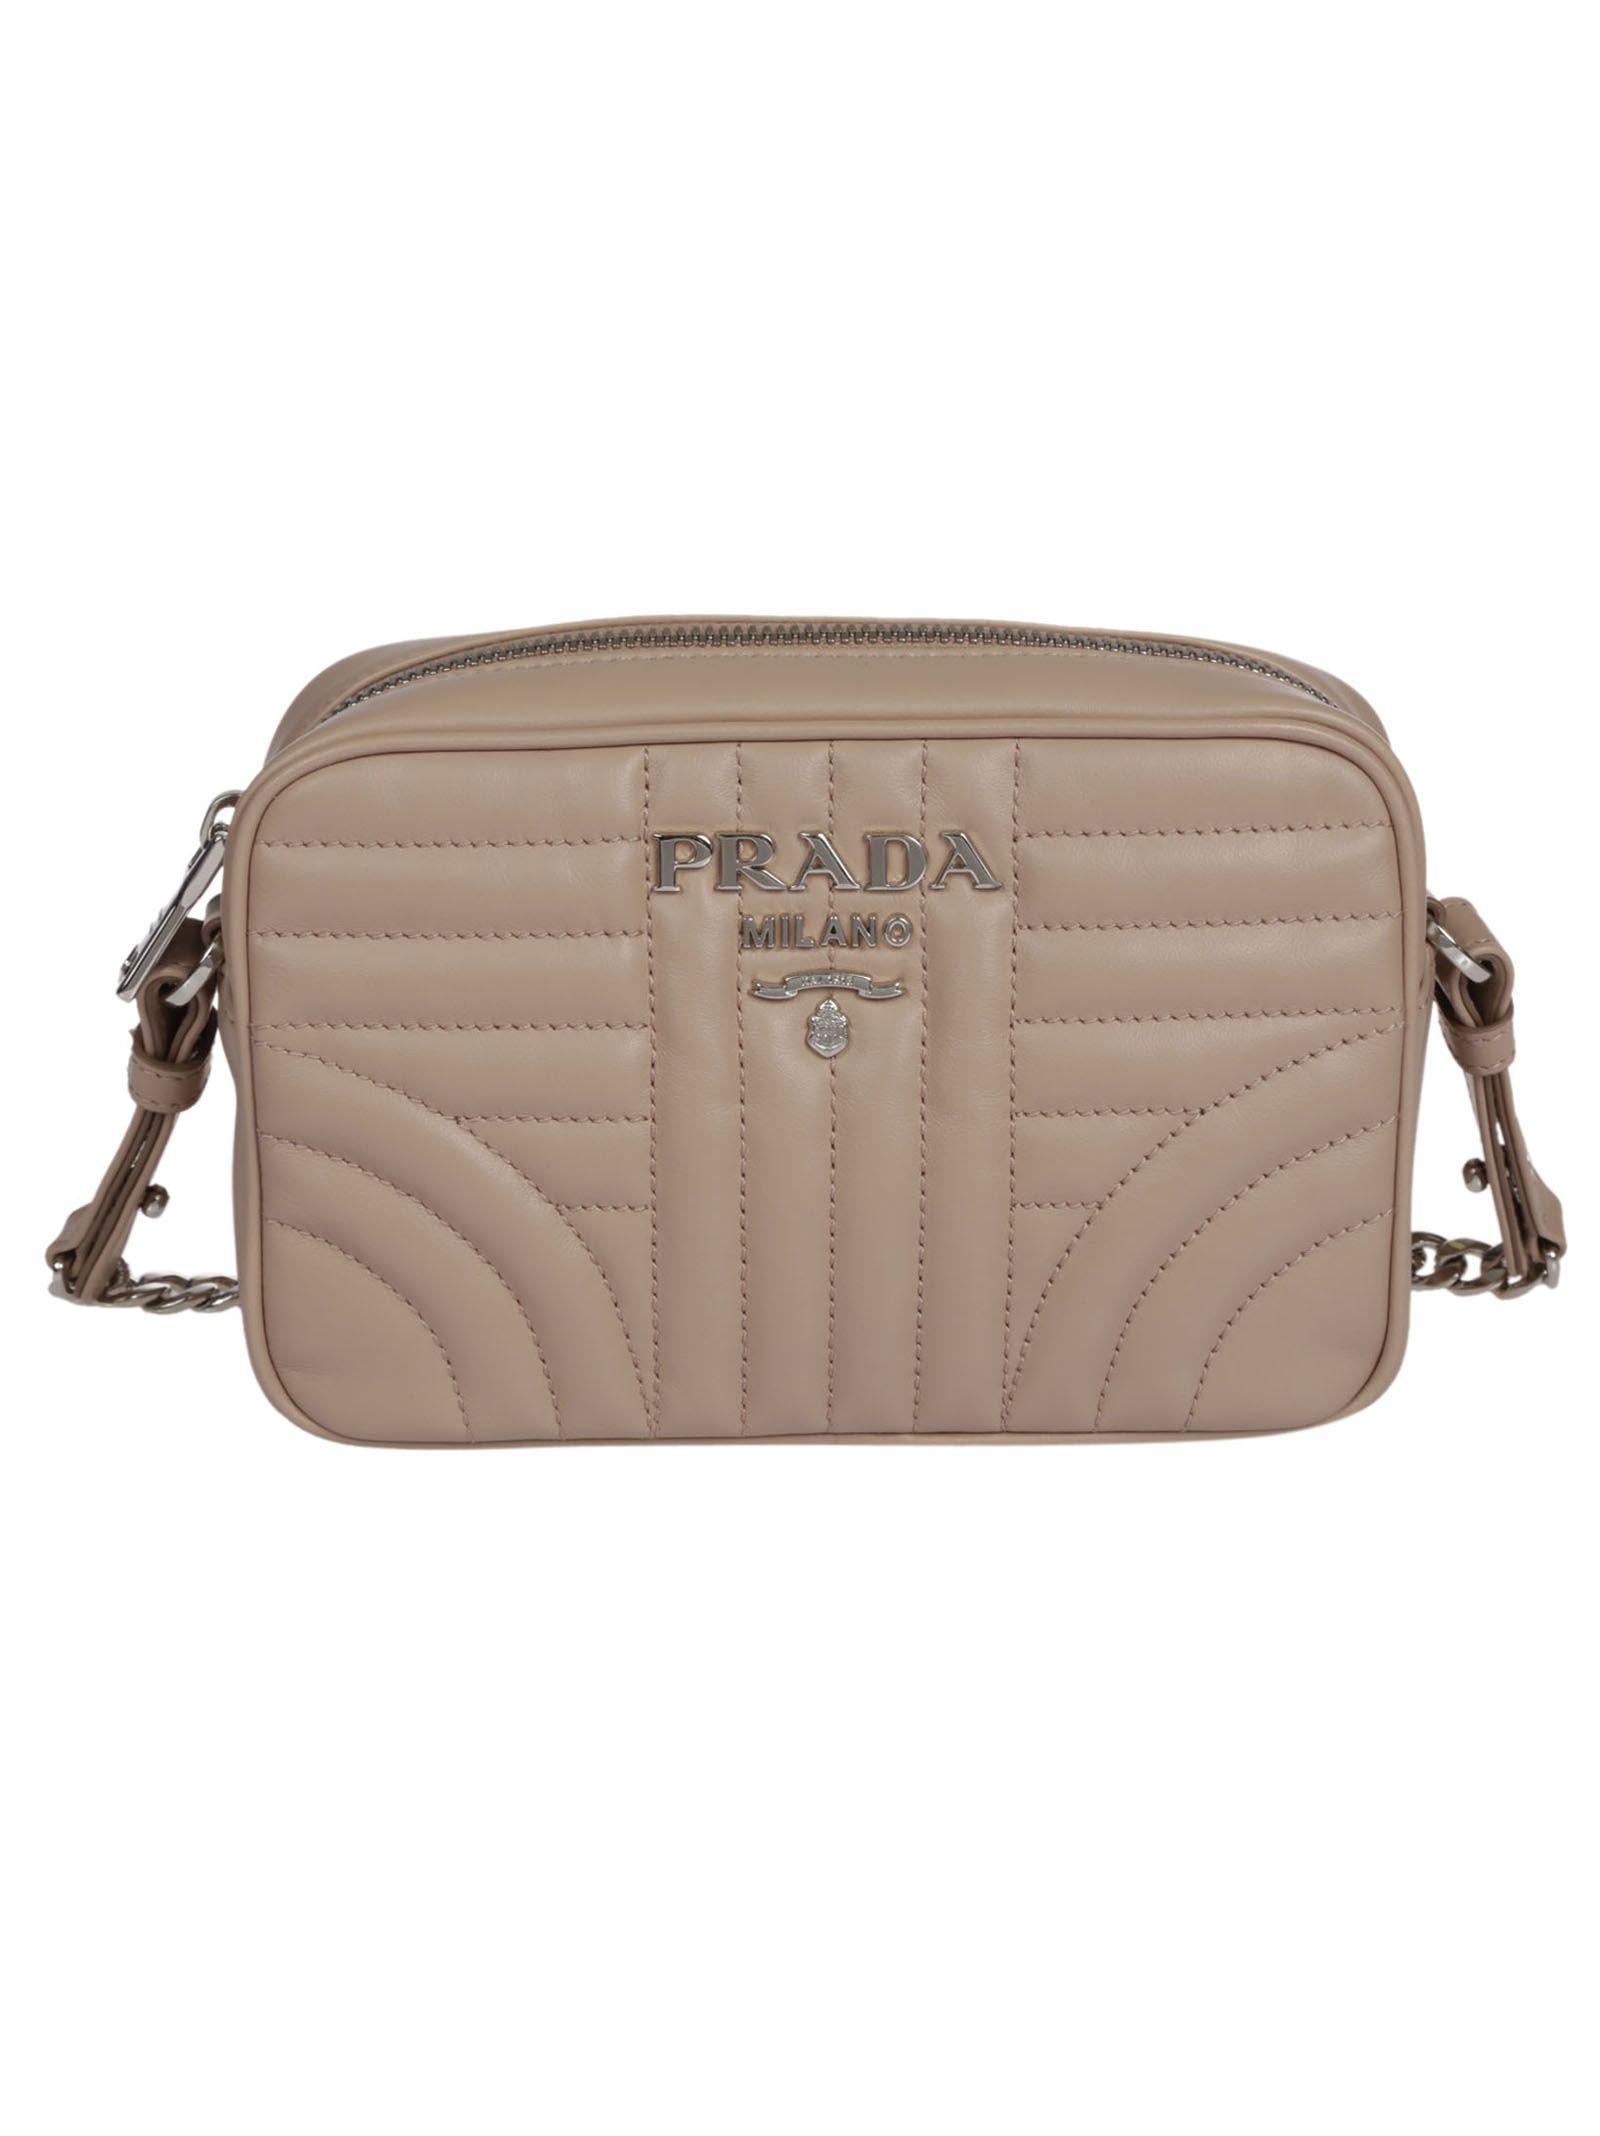 Prada Beveled Shoulder Bag